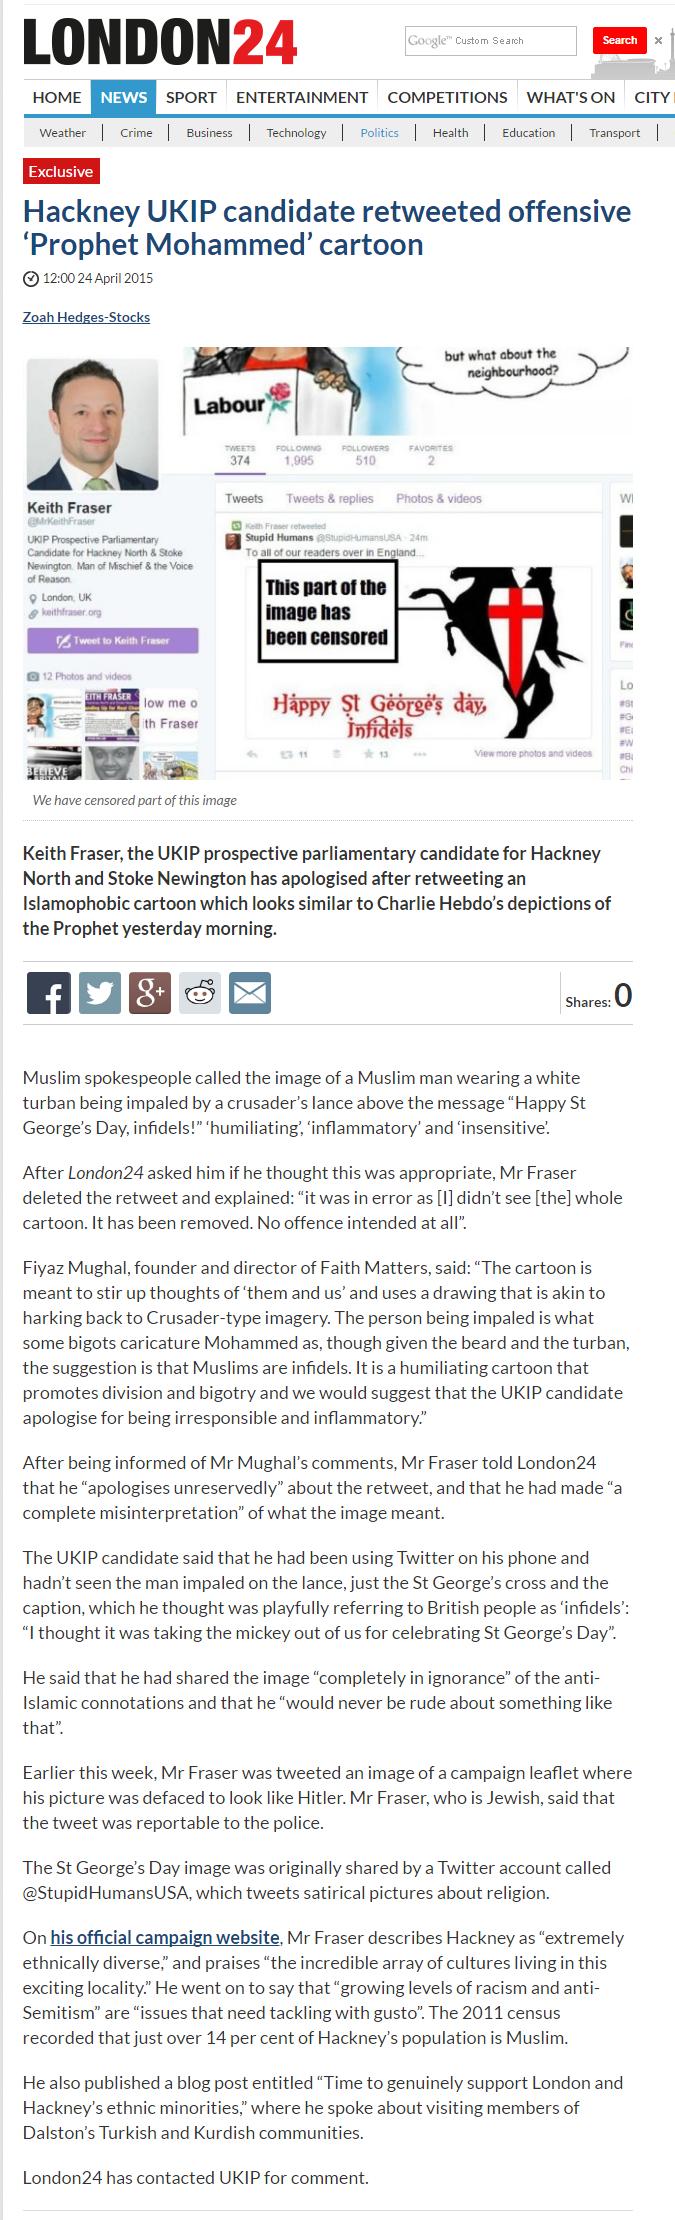 Hackney UKIP candidate retweeted offensive 'Prophet Mohammed' cartoon 2